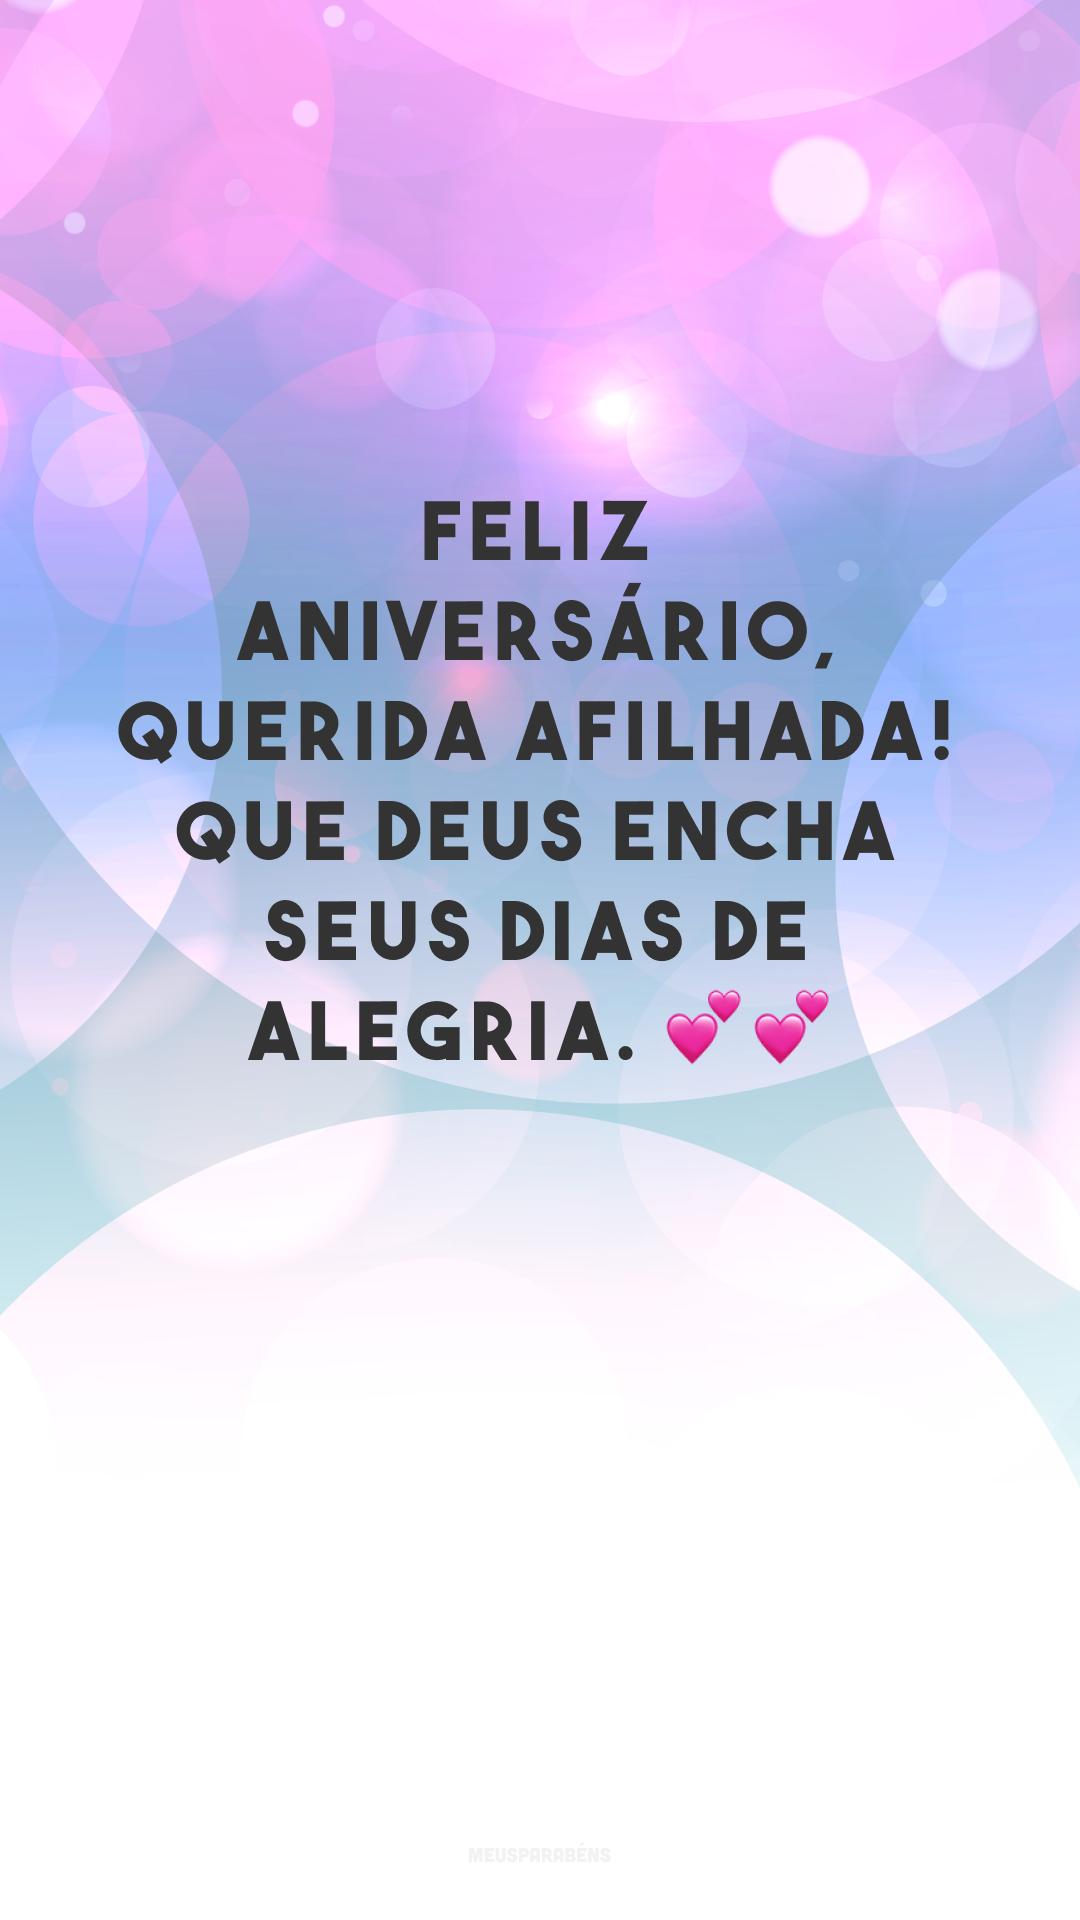 Feliz aniversário, querida afilhada! Que Deus encha seus dias de alegria. 💕💕<br />